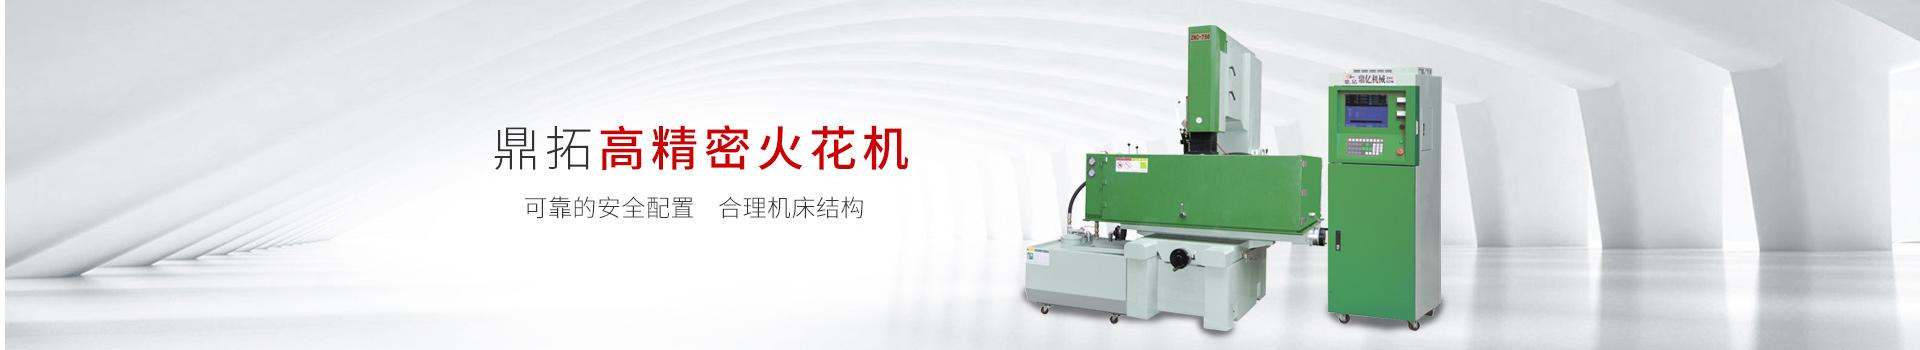 鼎拓高精密火花机,可靠的安全配置,合理机床结构